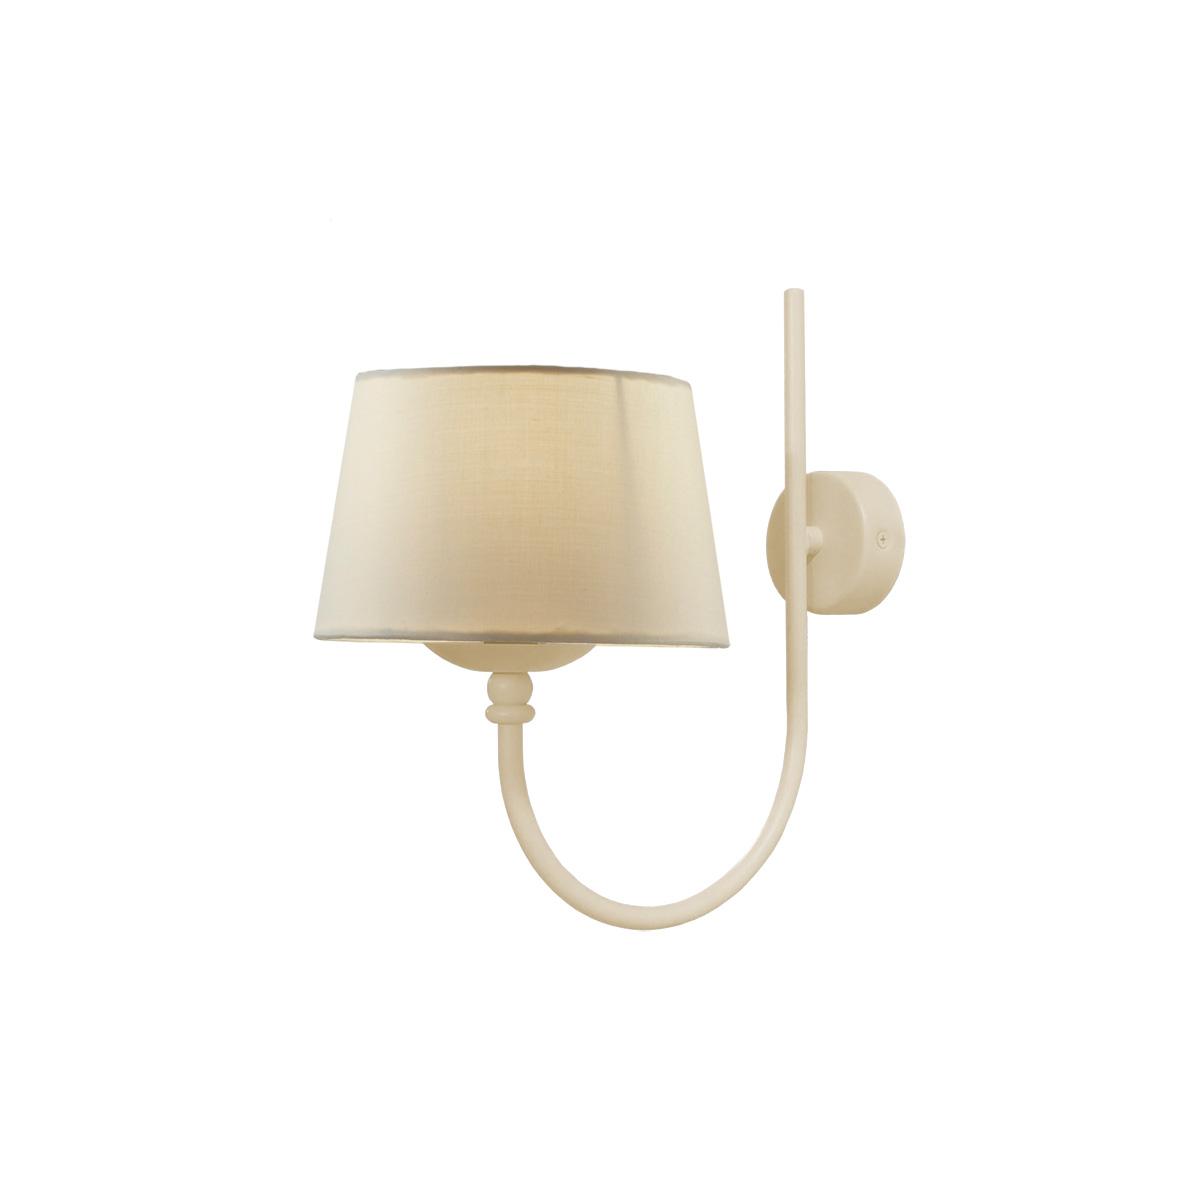 Απλίκα ρετρό με καπέλο VILLAGE retro wall lamp with shade